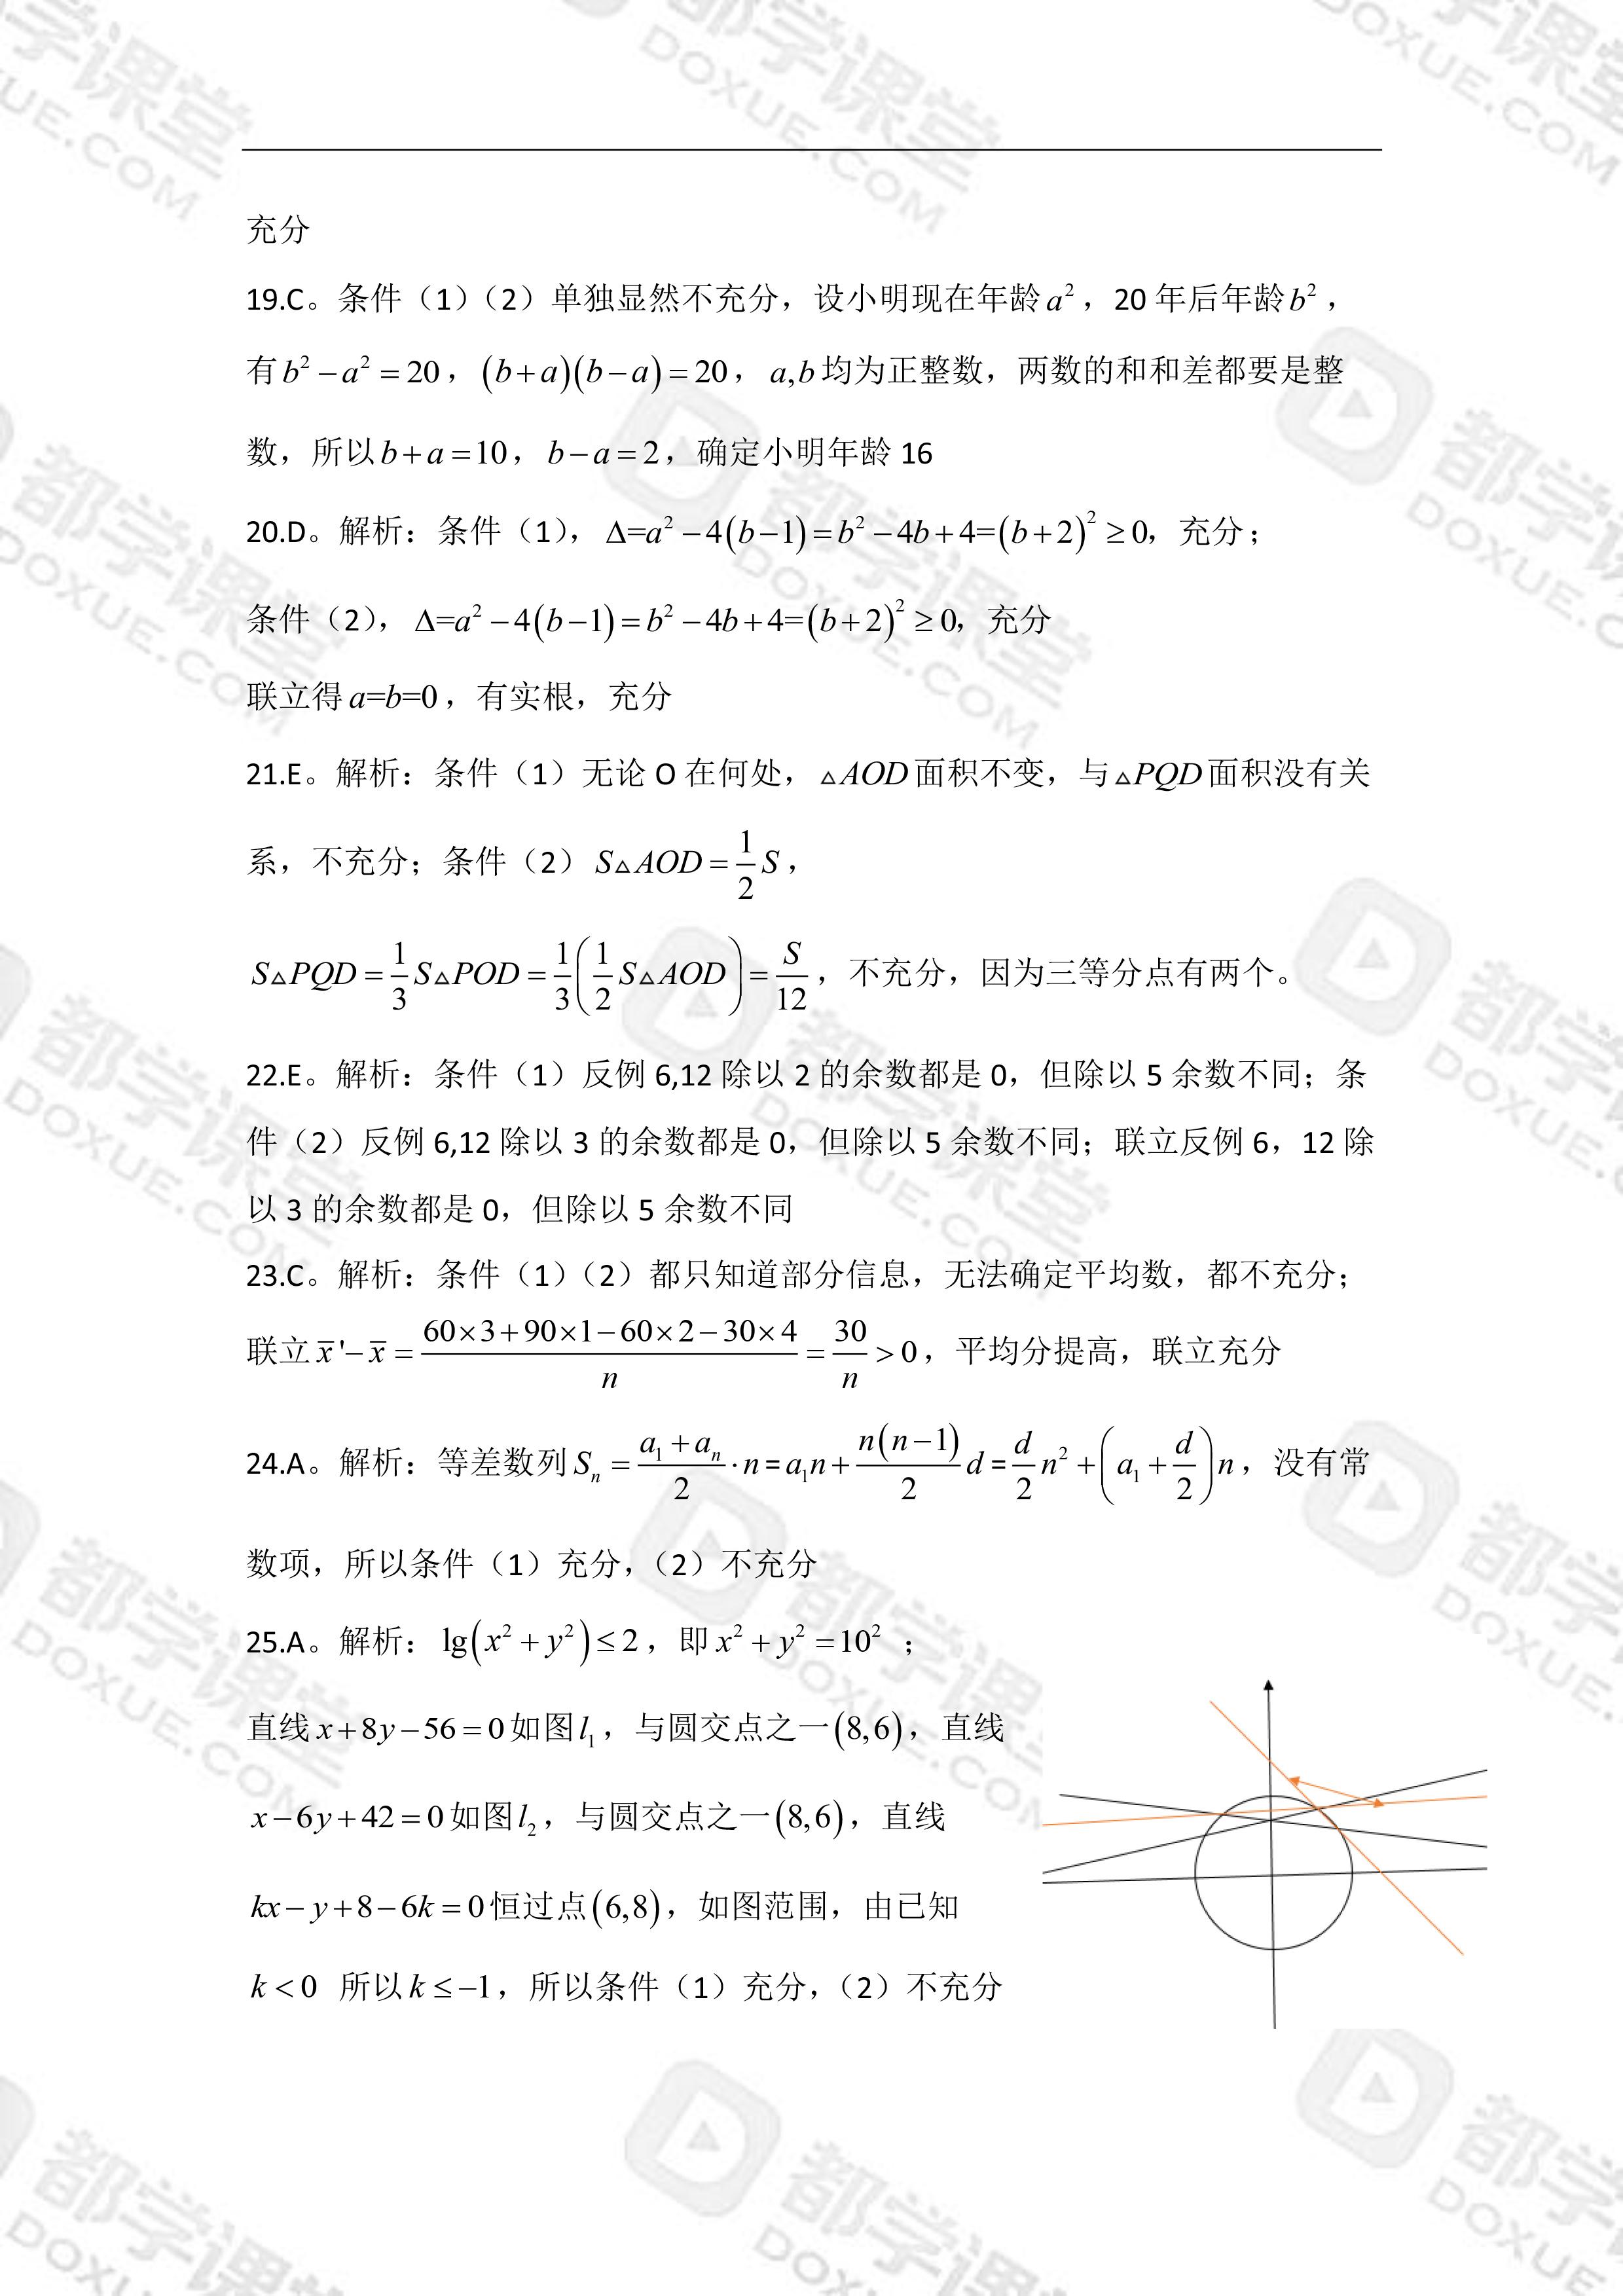 2019管理类联考数学真题答案及解析(王宁)-3.jpg